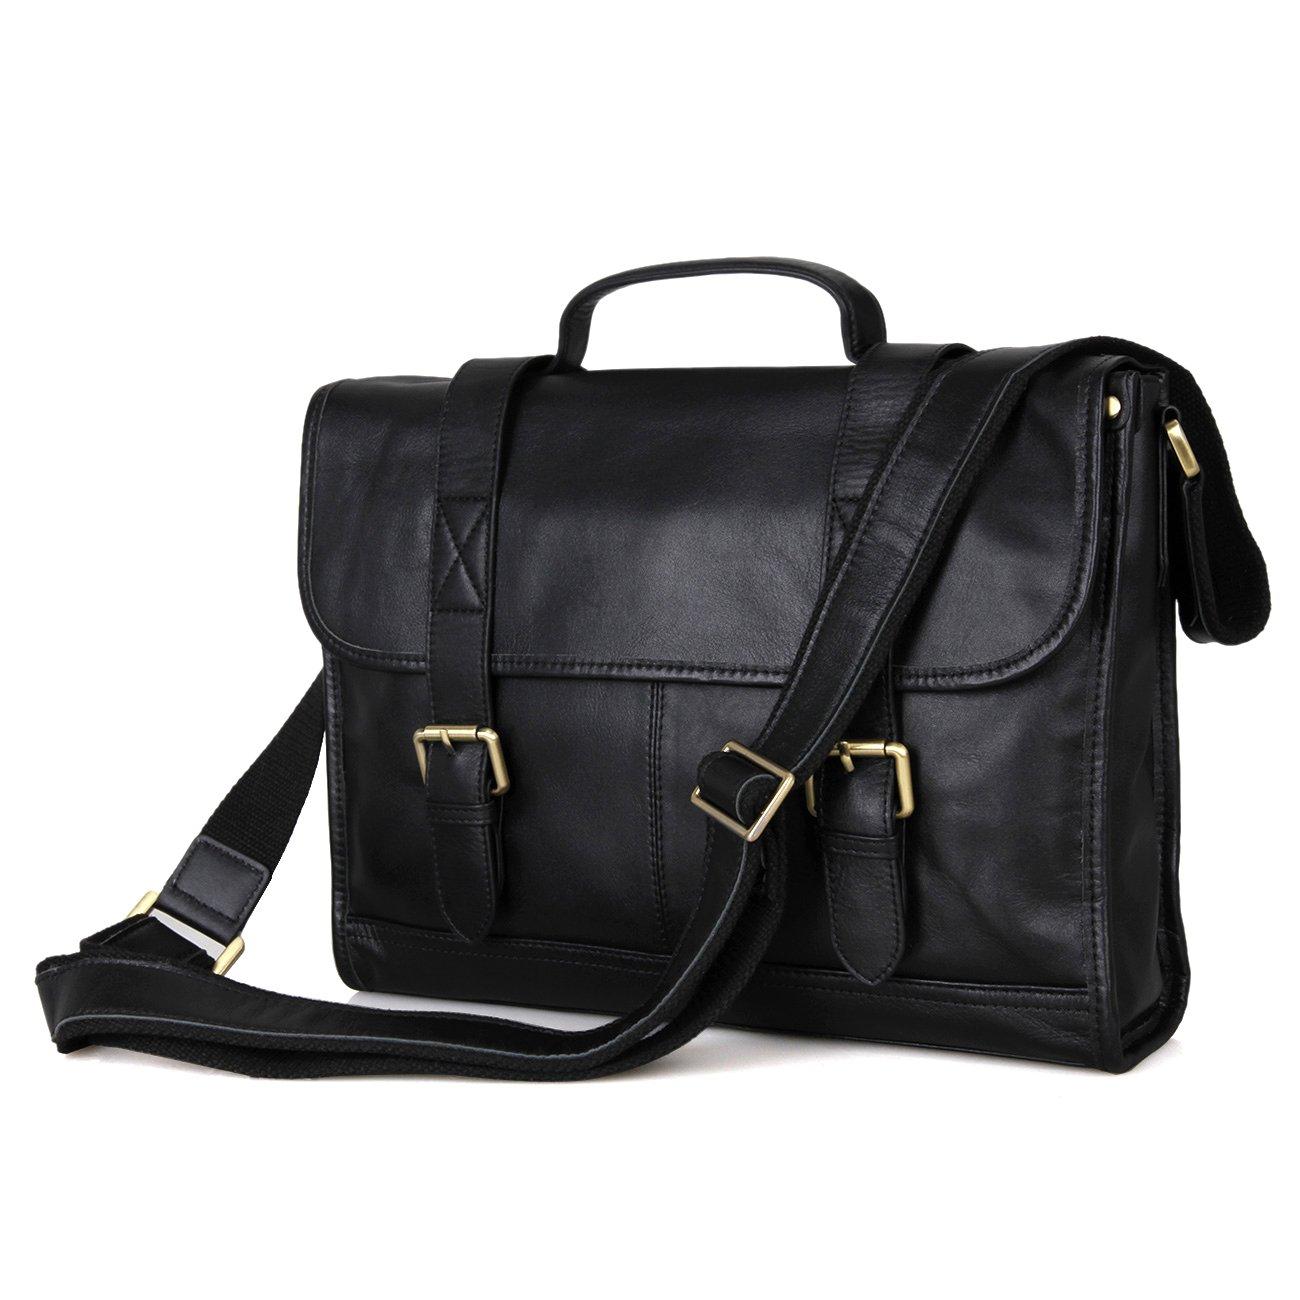 Men's Vintage Genuine Leather Laptop Briefcase Messenger Bag handbag Purse